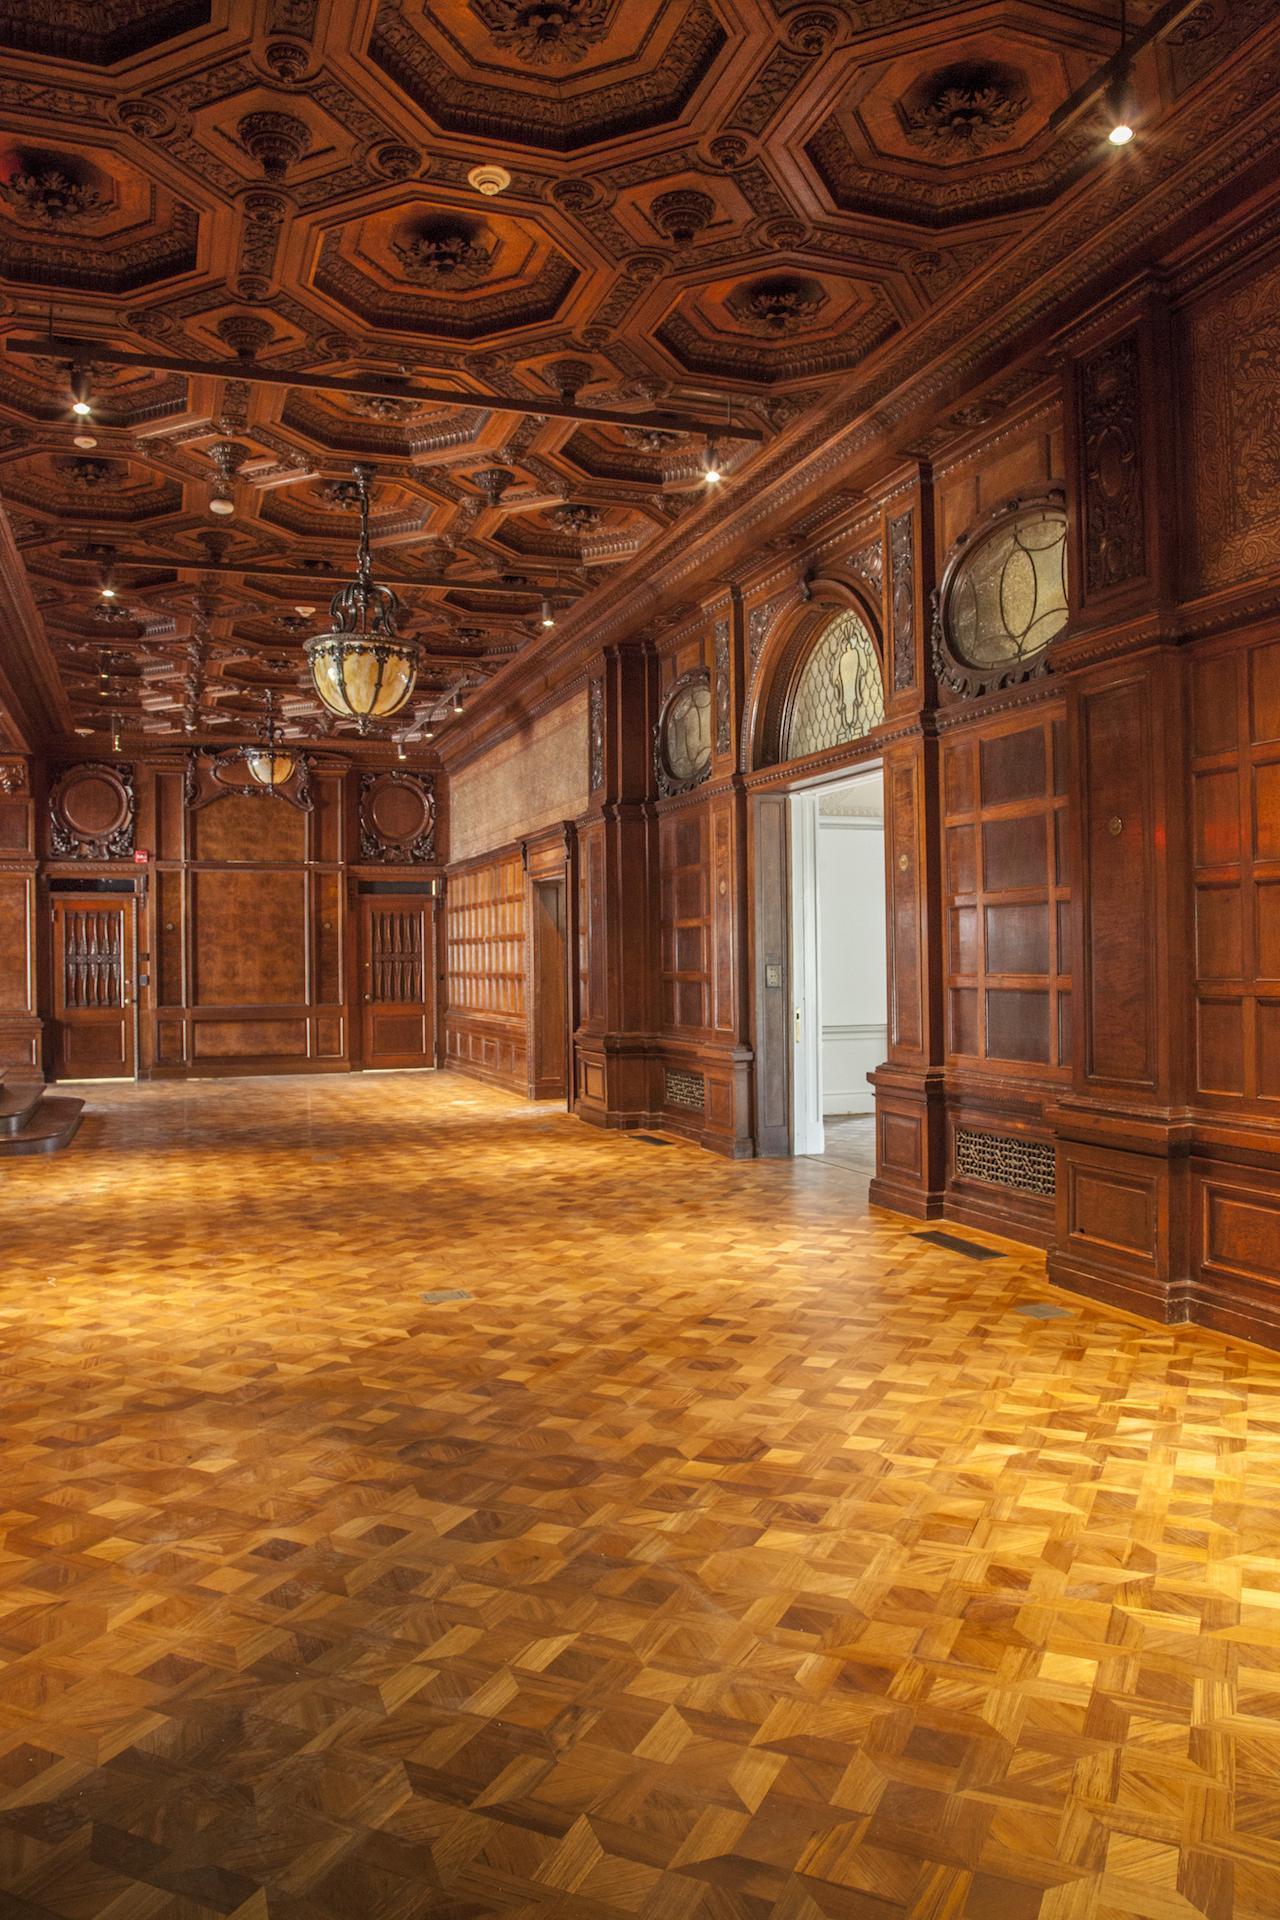 Cooper Hewitt, Smithsonian Design Museum, Great Hall (photo by James Rudnick, © 2014 Cooper Hewitt, Smithsonian Design Museum)